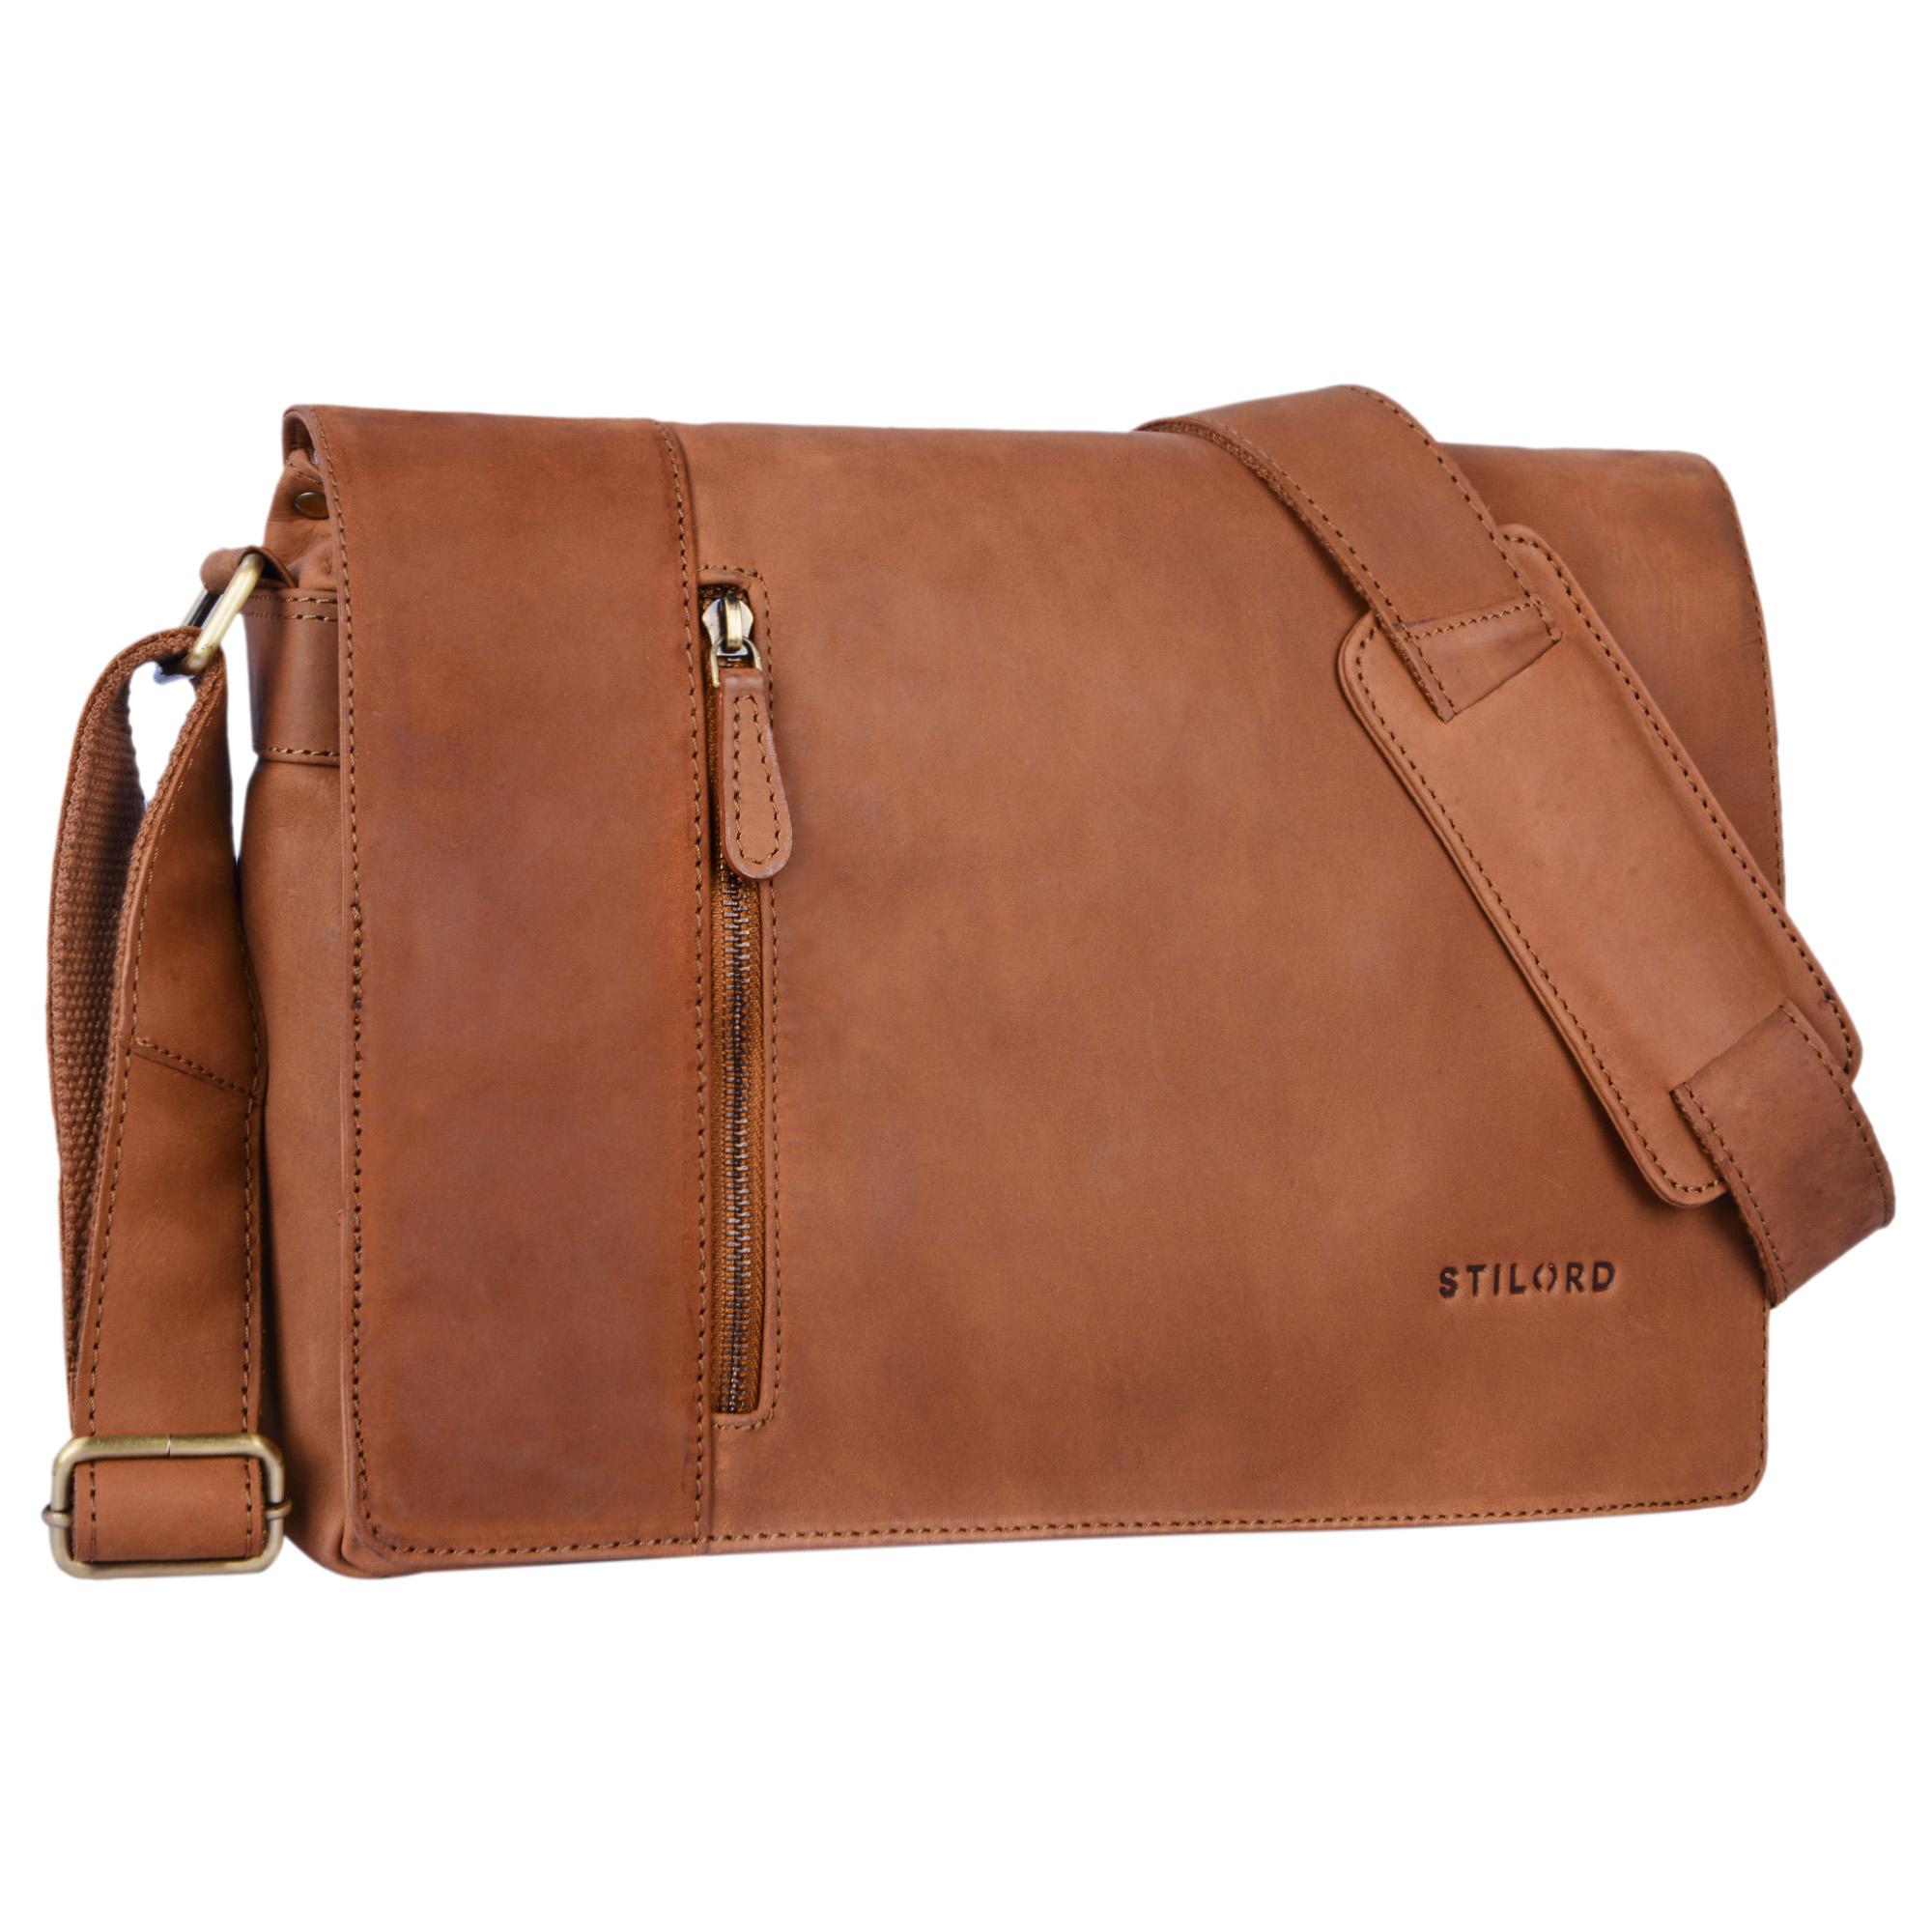 """STILORD """"Till"""" Leder Umhängetasche 13 Zoll große Vintage Schultertasche für Herren Damen Laptoptasche DIN A4 Unitasche Bürotasche aus echtem Büffel-Leder - Bild 8"""